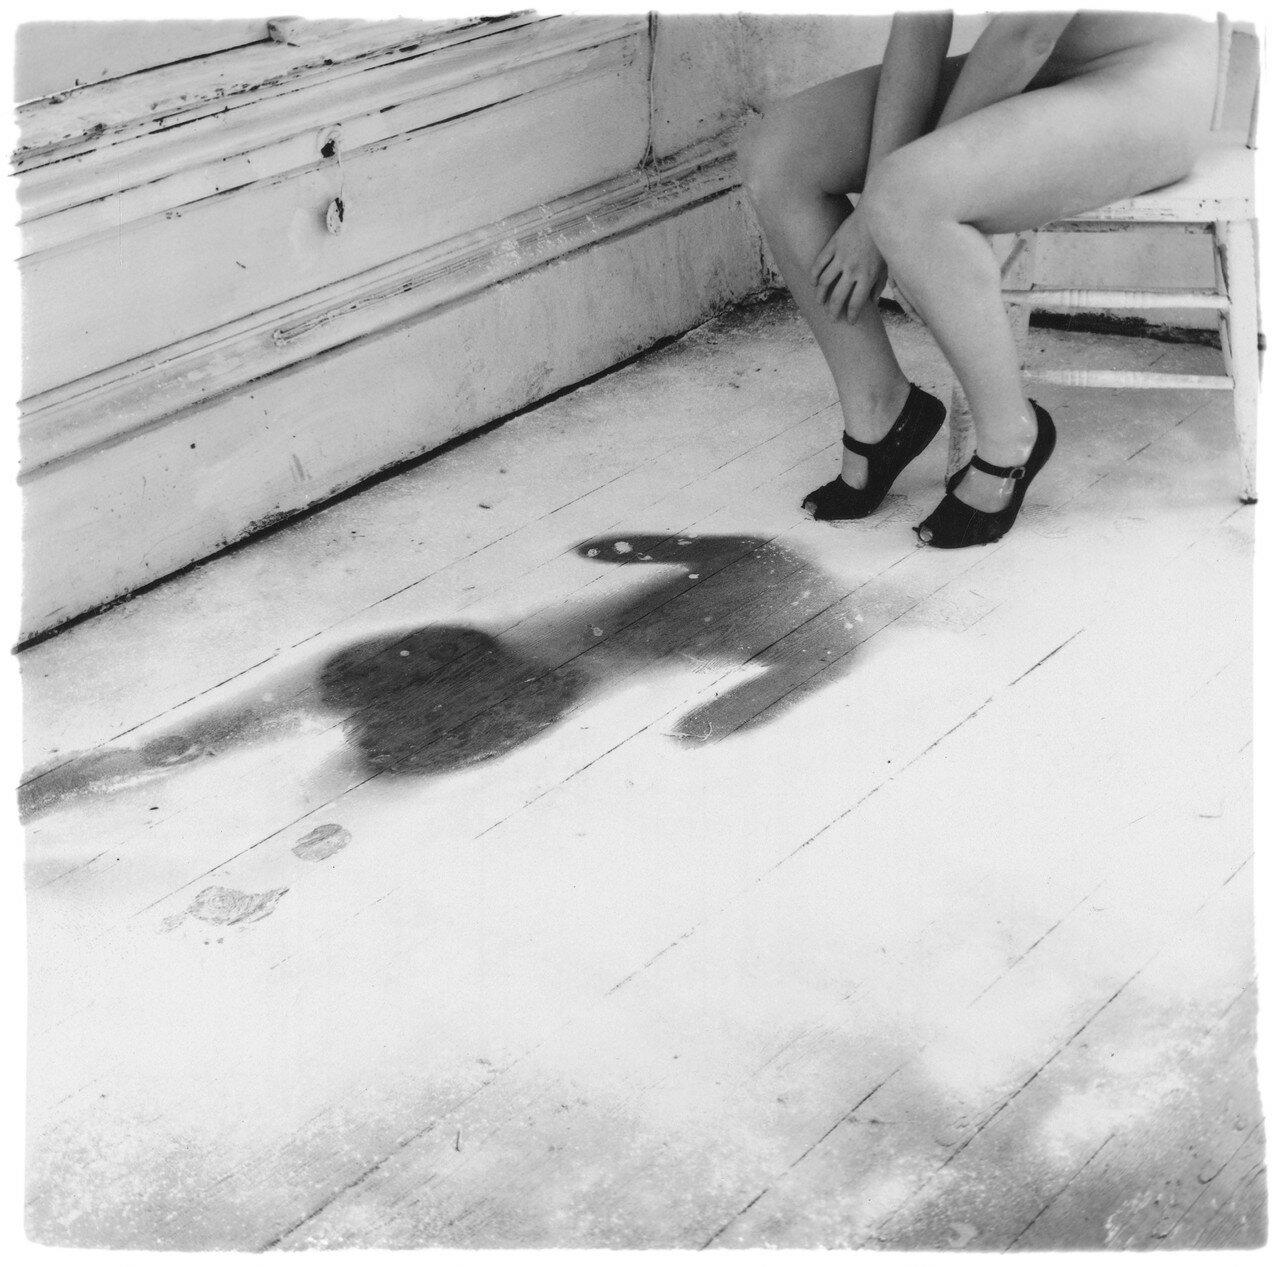 1976. Без названия. Провиденс, Род-Айленд